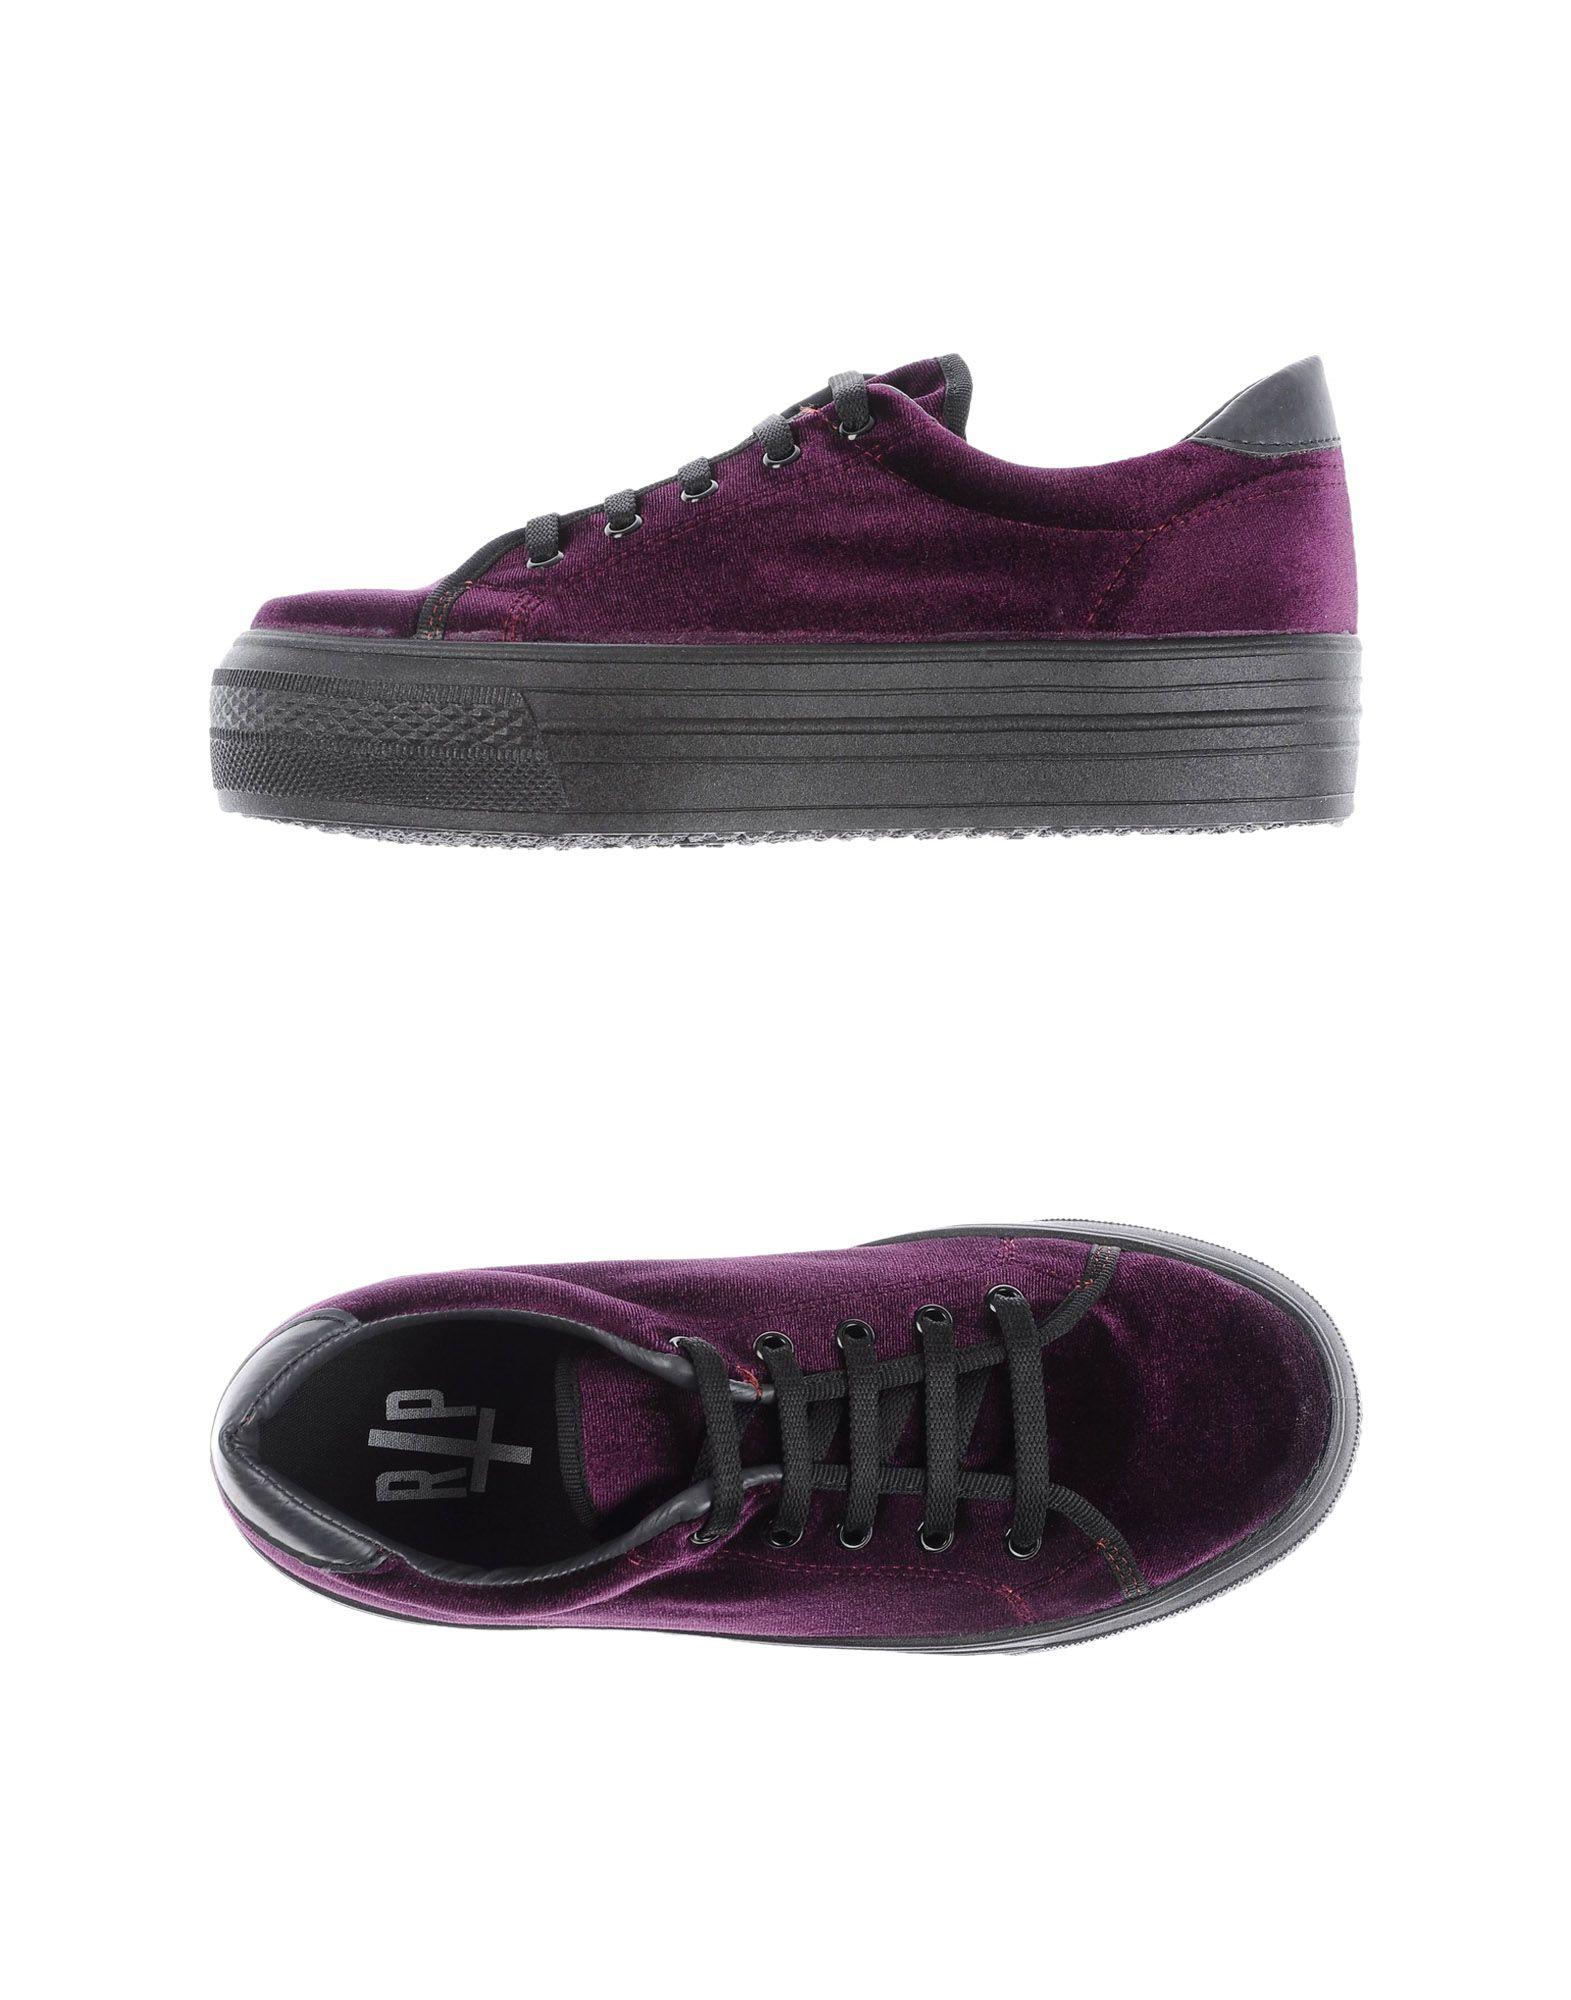 Moda Sneakers Sneakers Moda Ripness Donna - 44823756NQ a6d4c1